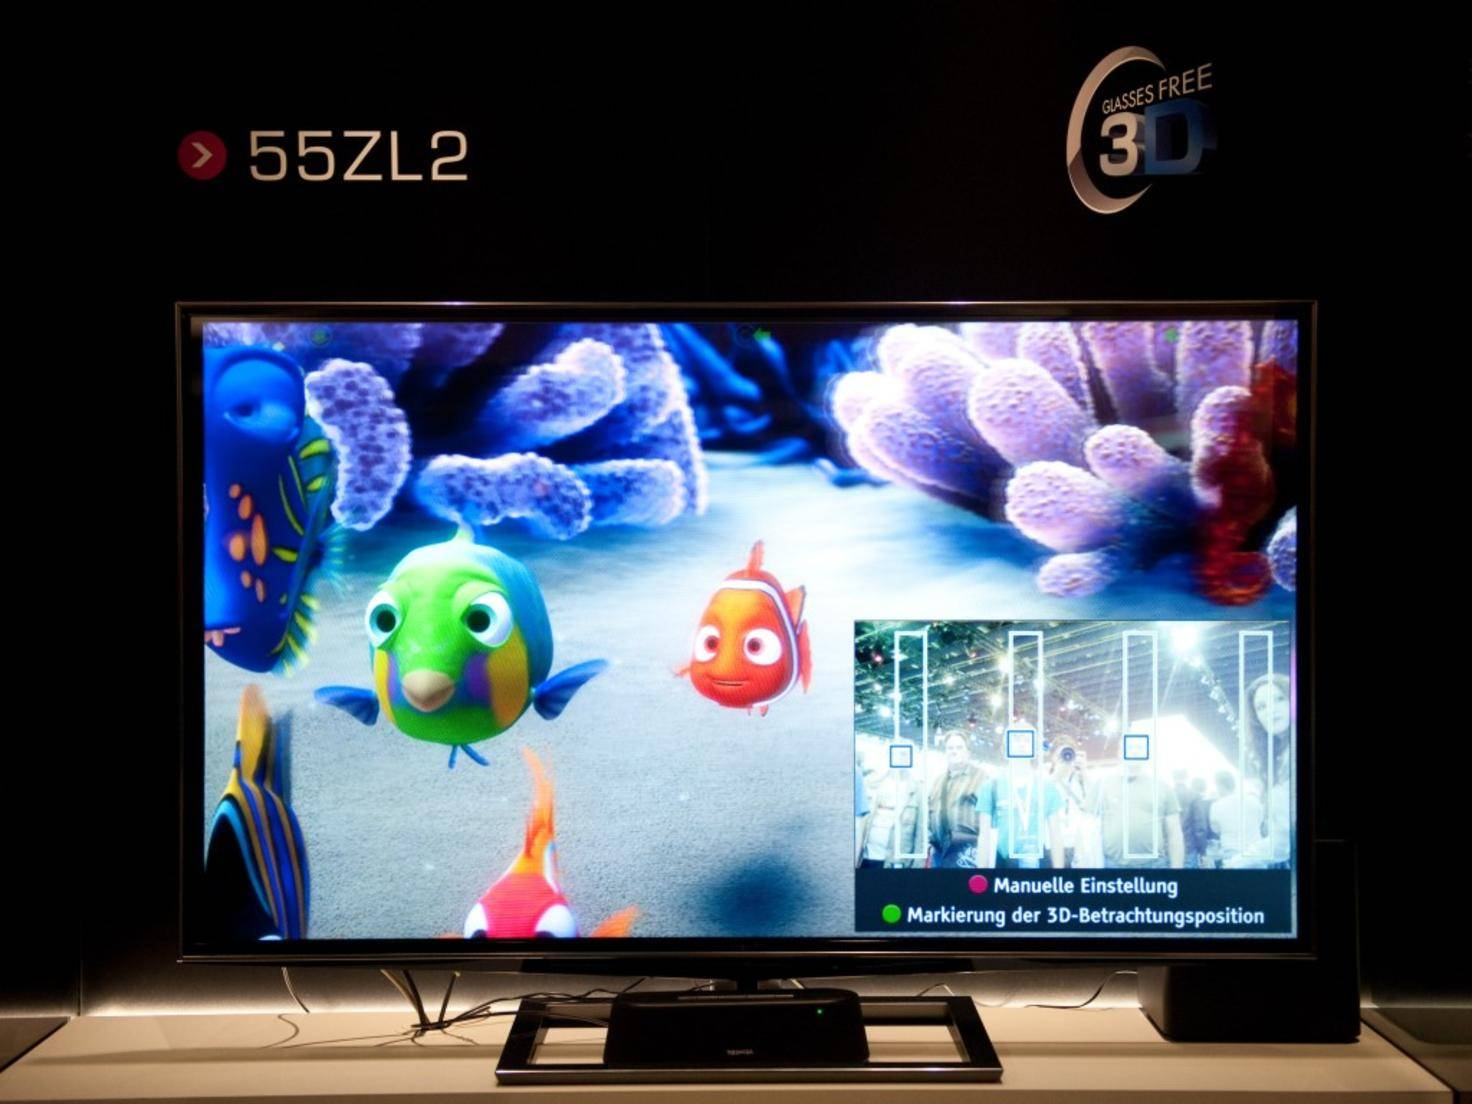 Toshibas 55ZL2 war der weltweit erste 3D-Fernseher, der ohne Brille auskam.